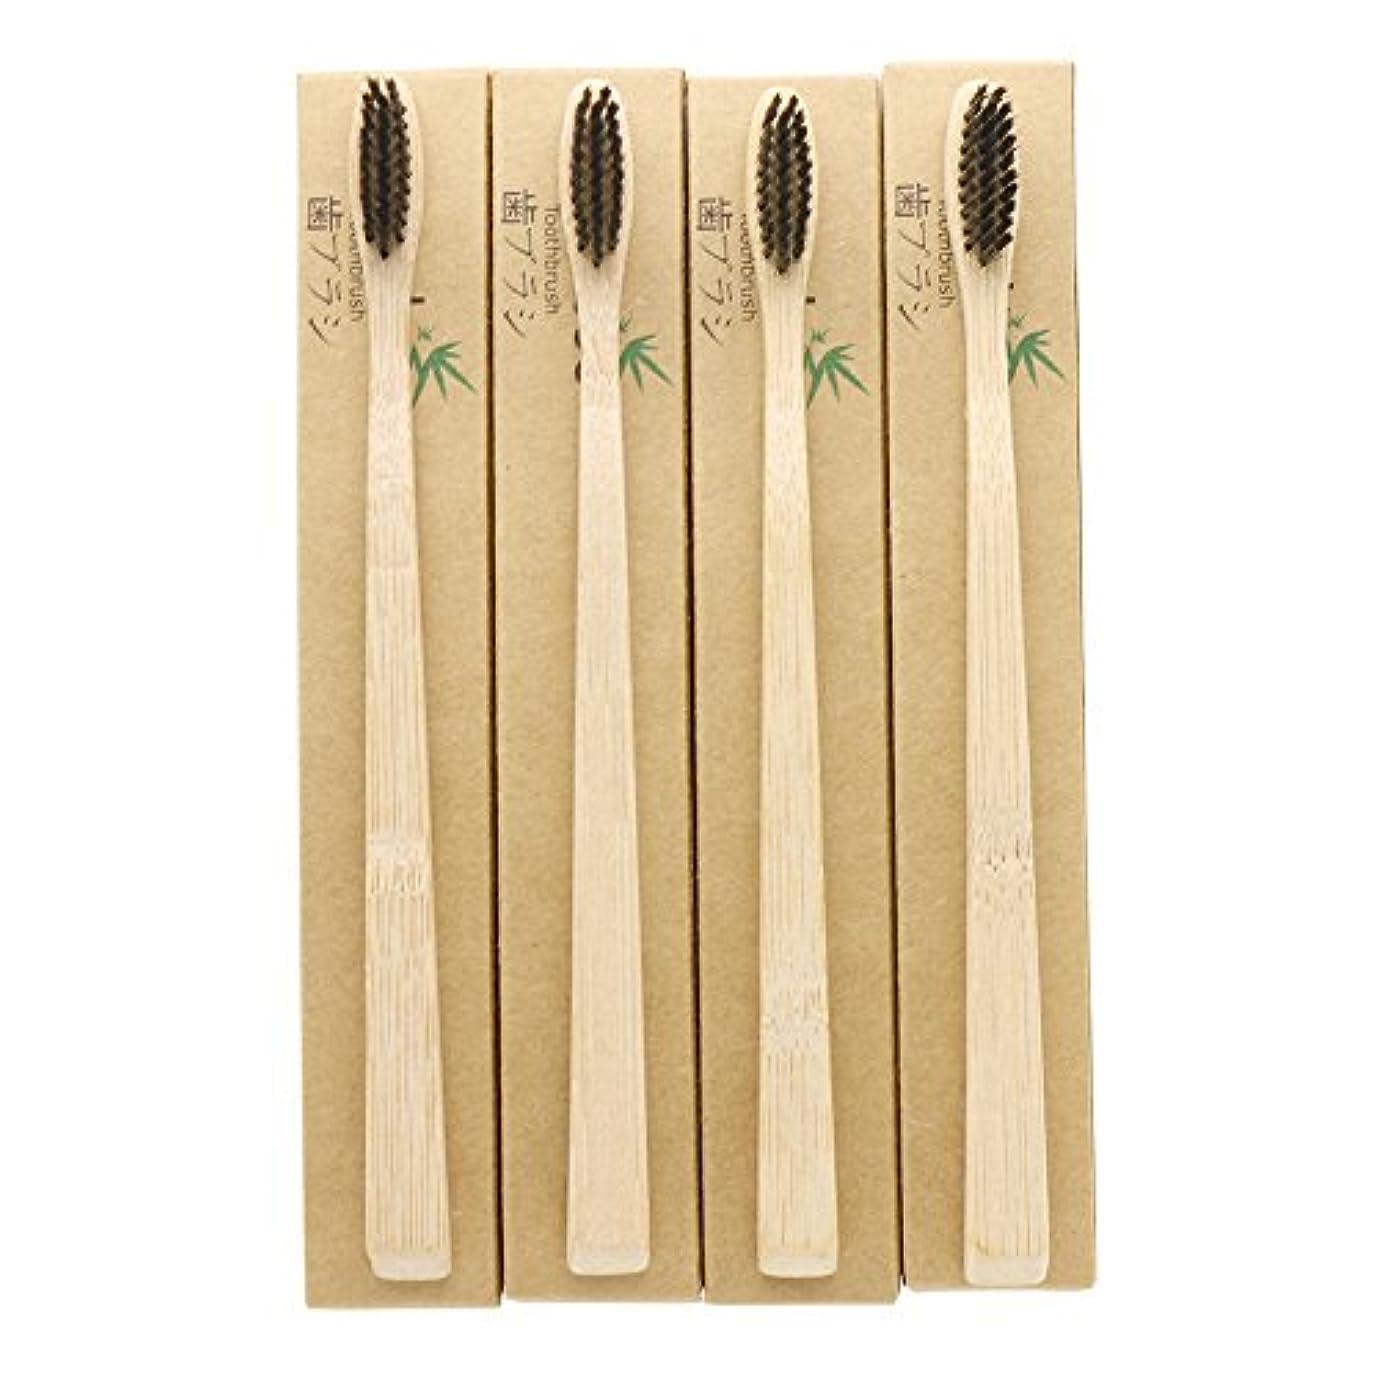 圧縮する強要順応性N-amboo 竹製耐久度高い 歯ブラシ 黒い ハンドル小さい 4本入りセット